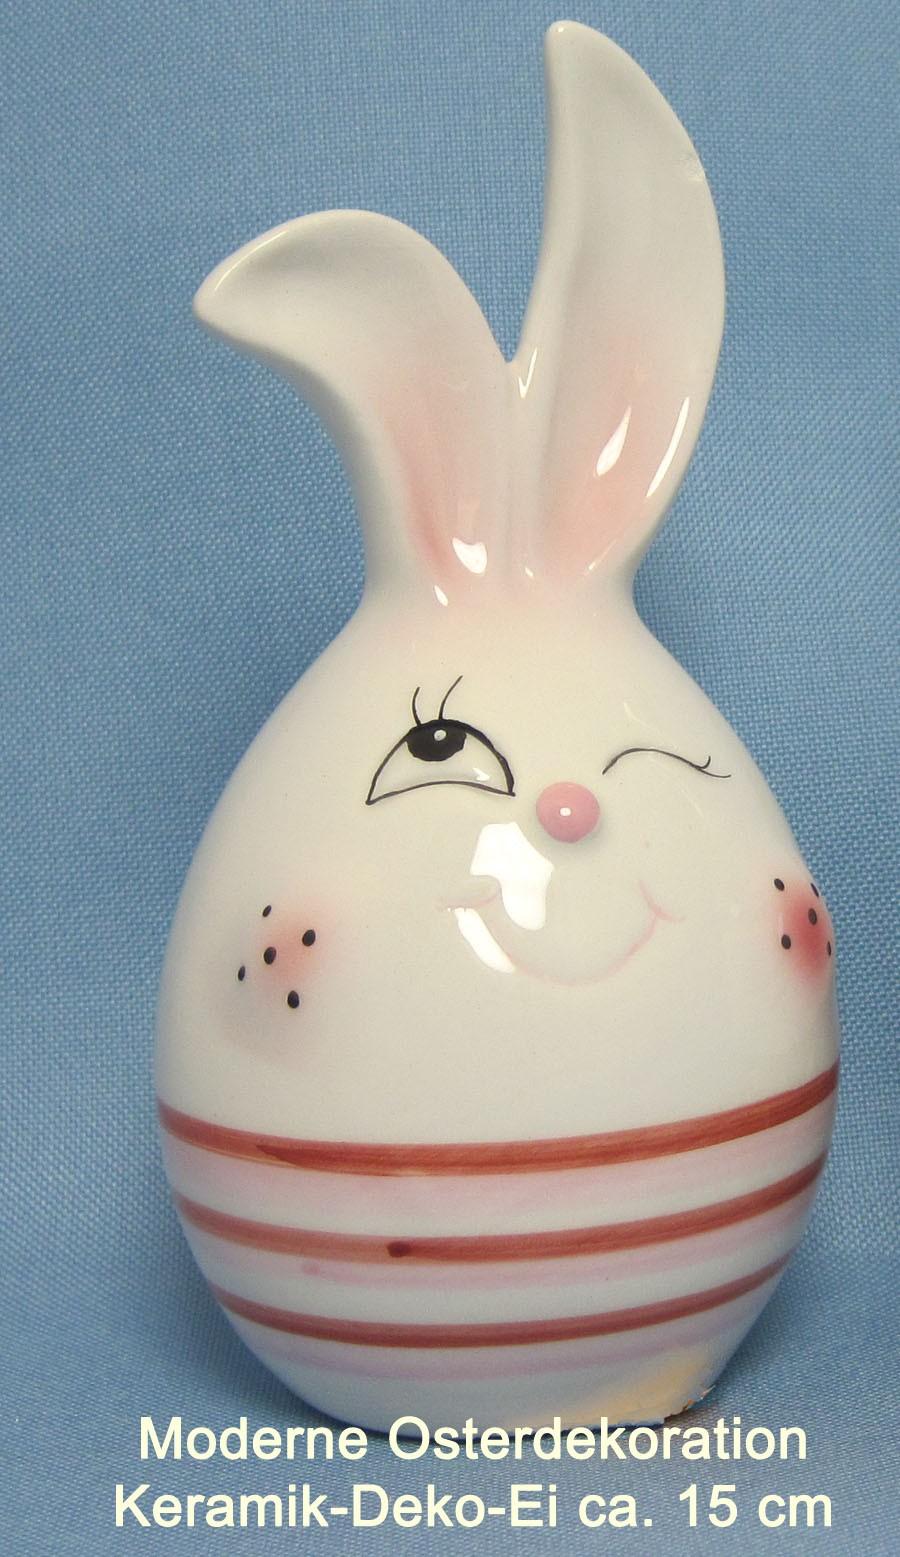 Keramik Deko-Ei ca. 15 cm mit roten Streifen und Hasengesicht